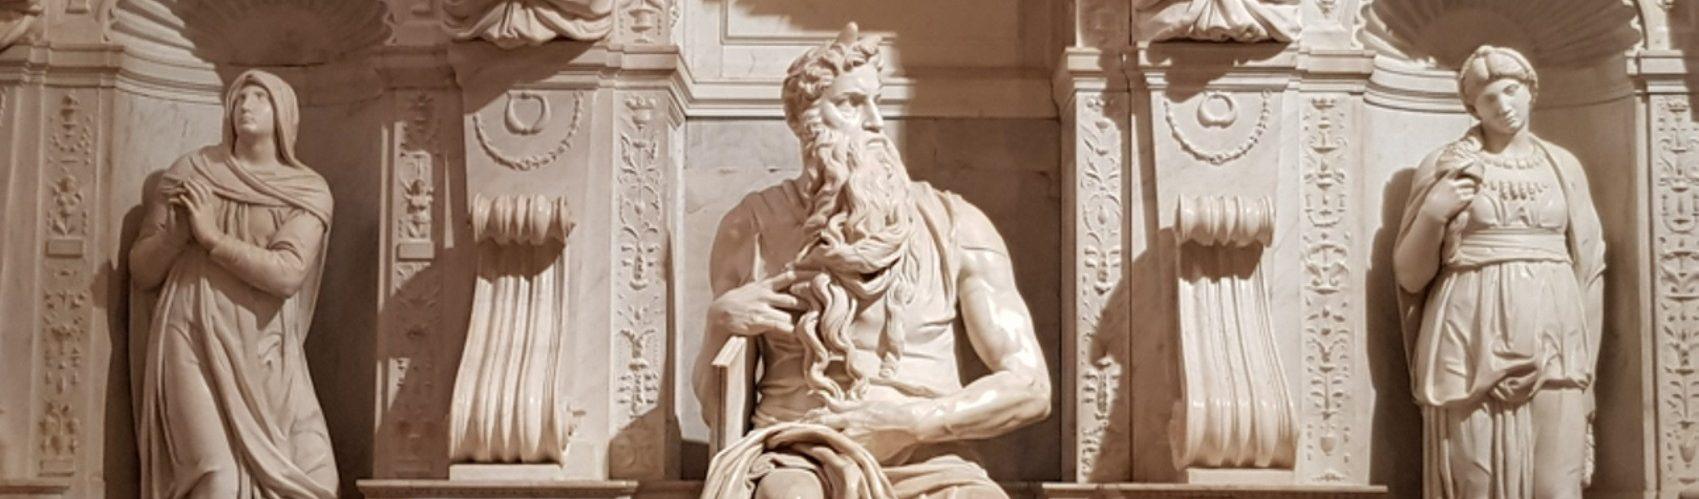 Michelangelo Buonarroti, Monumento funebre di Giulio II